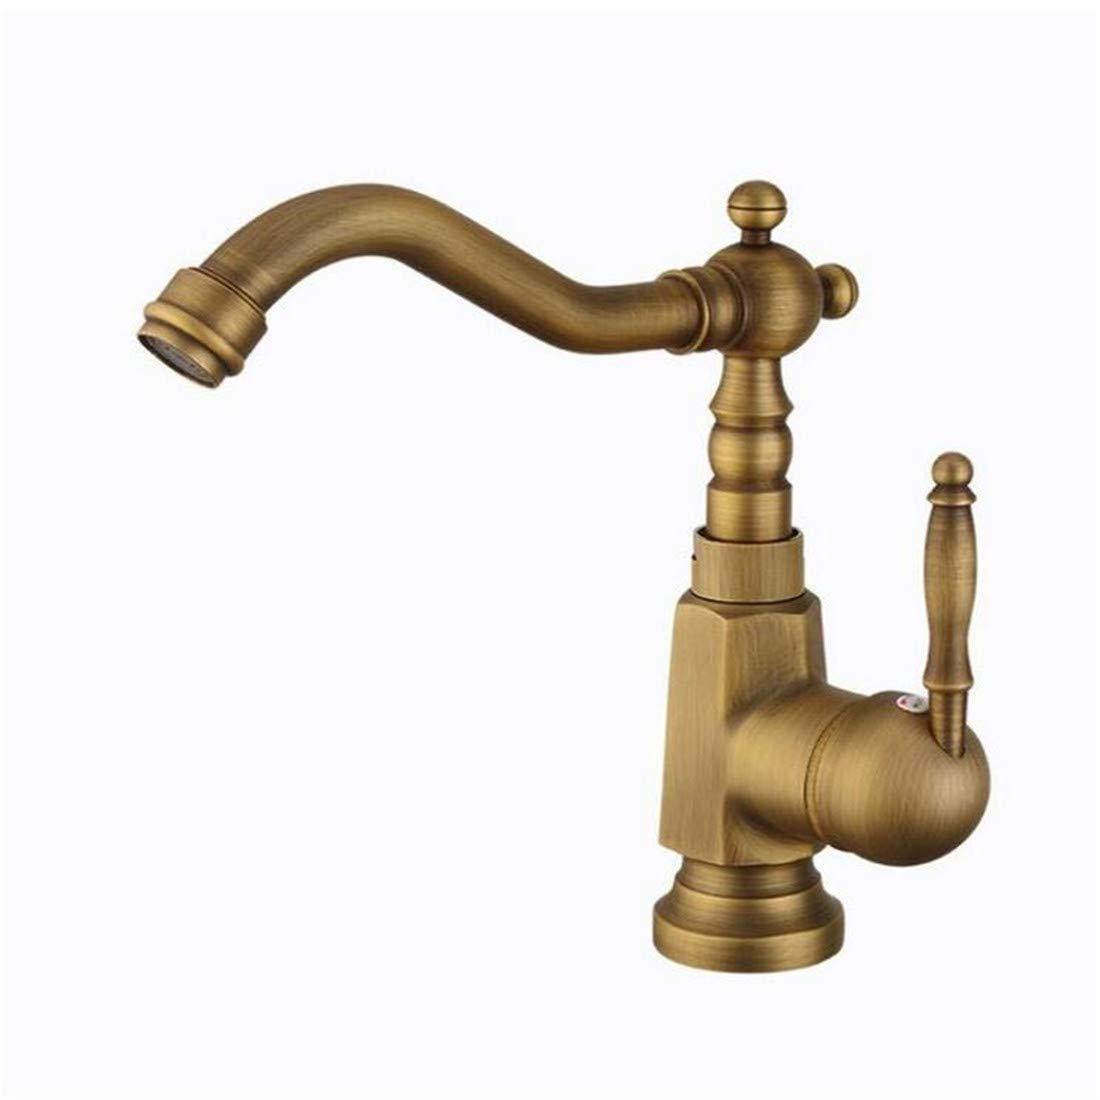 Retro Kitchen 360 360 360 Degree redating Bathroom Brass ...